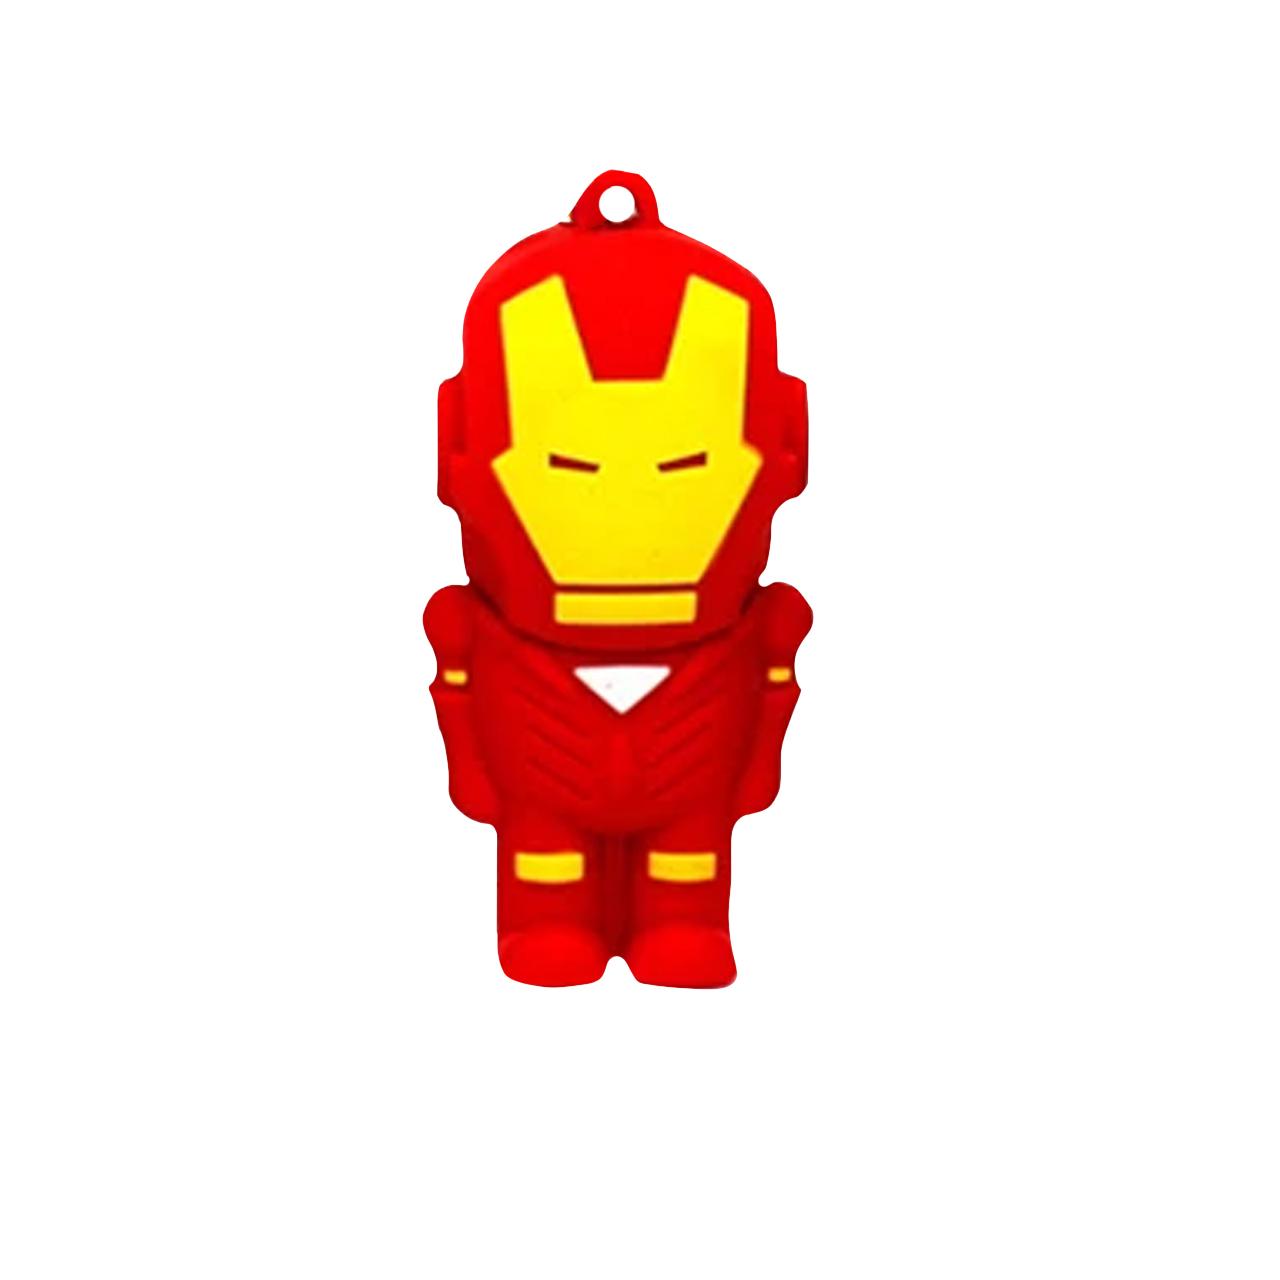 بررسی و {خرید با تخفیف} فلش مموری طرح Ironman مدل DPL1163-U3 ظرفیت 128 گیگابایت اصل